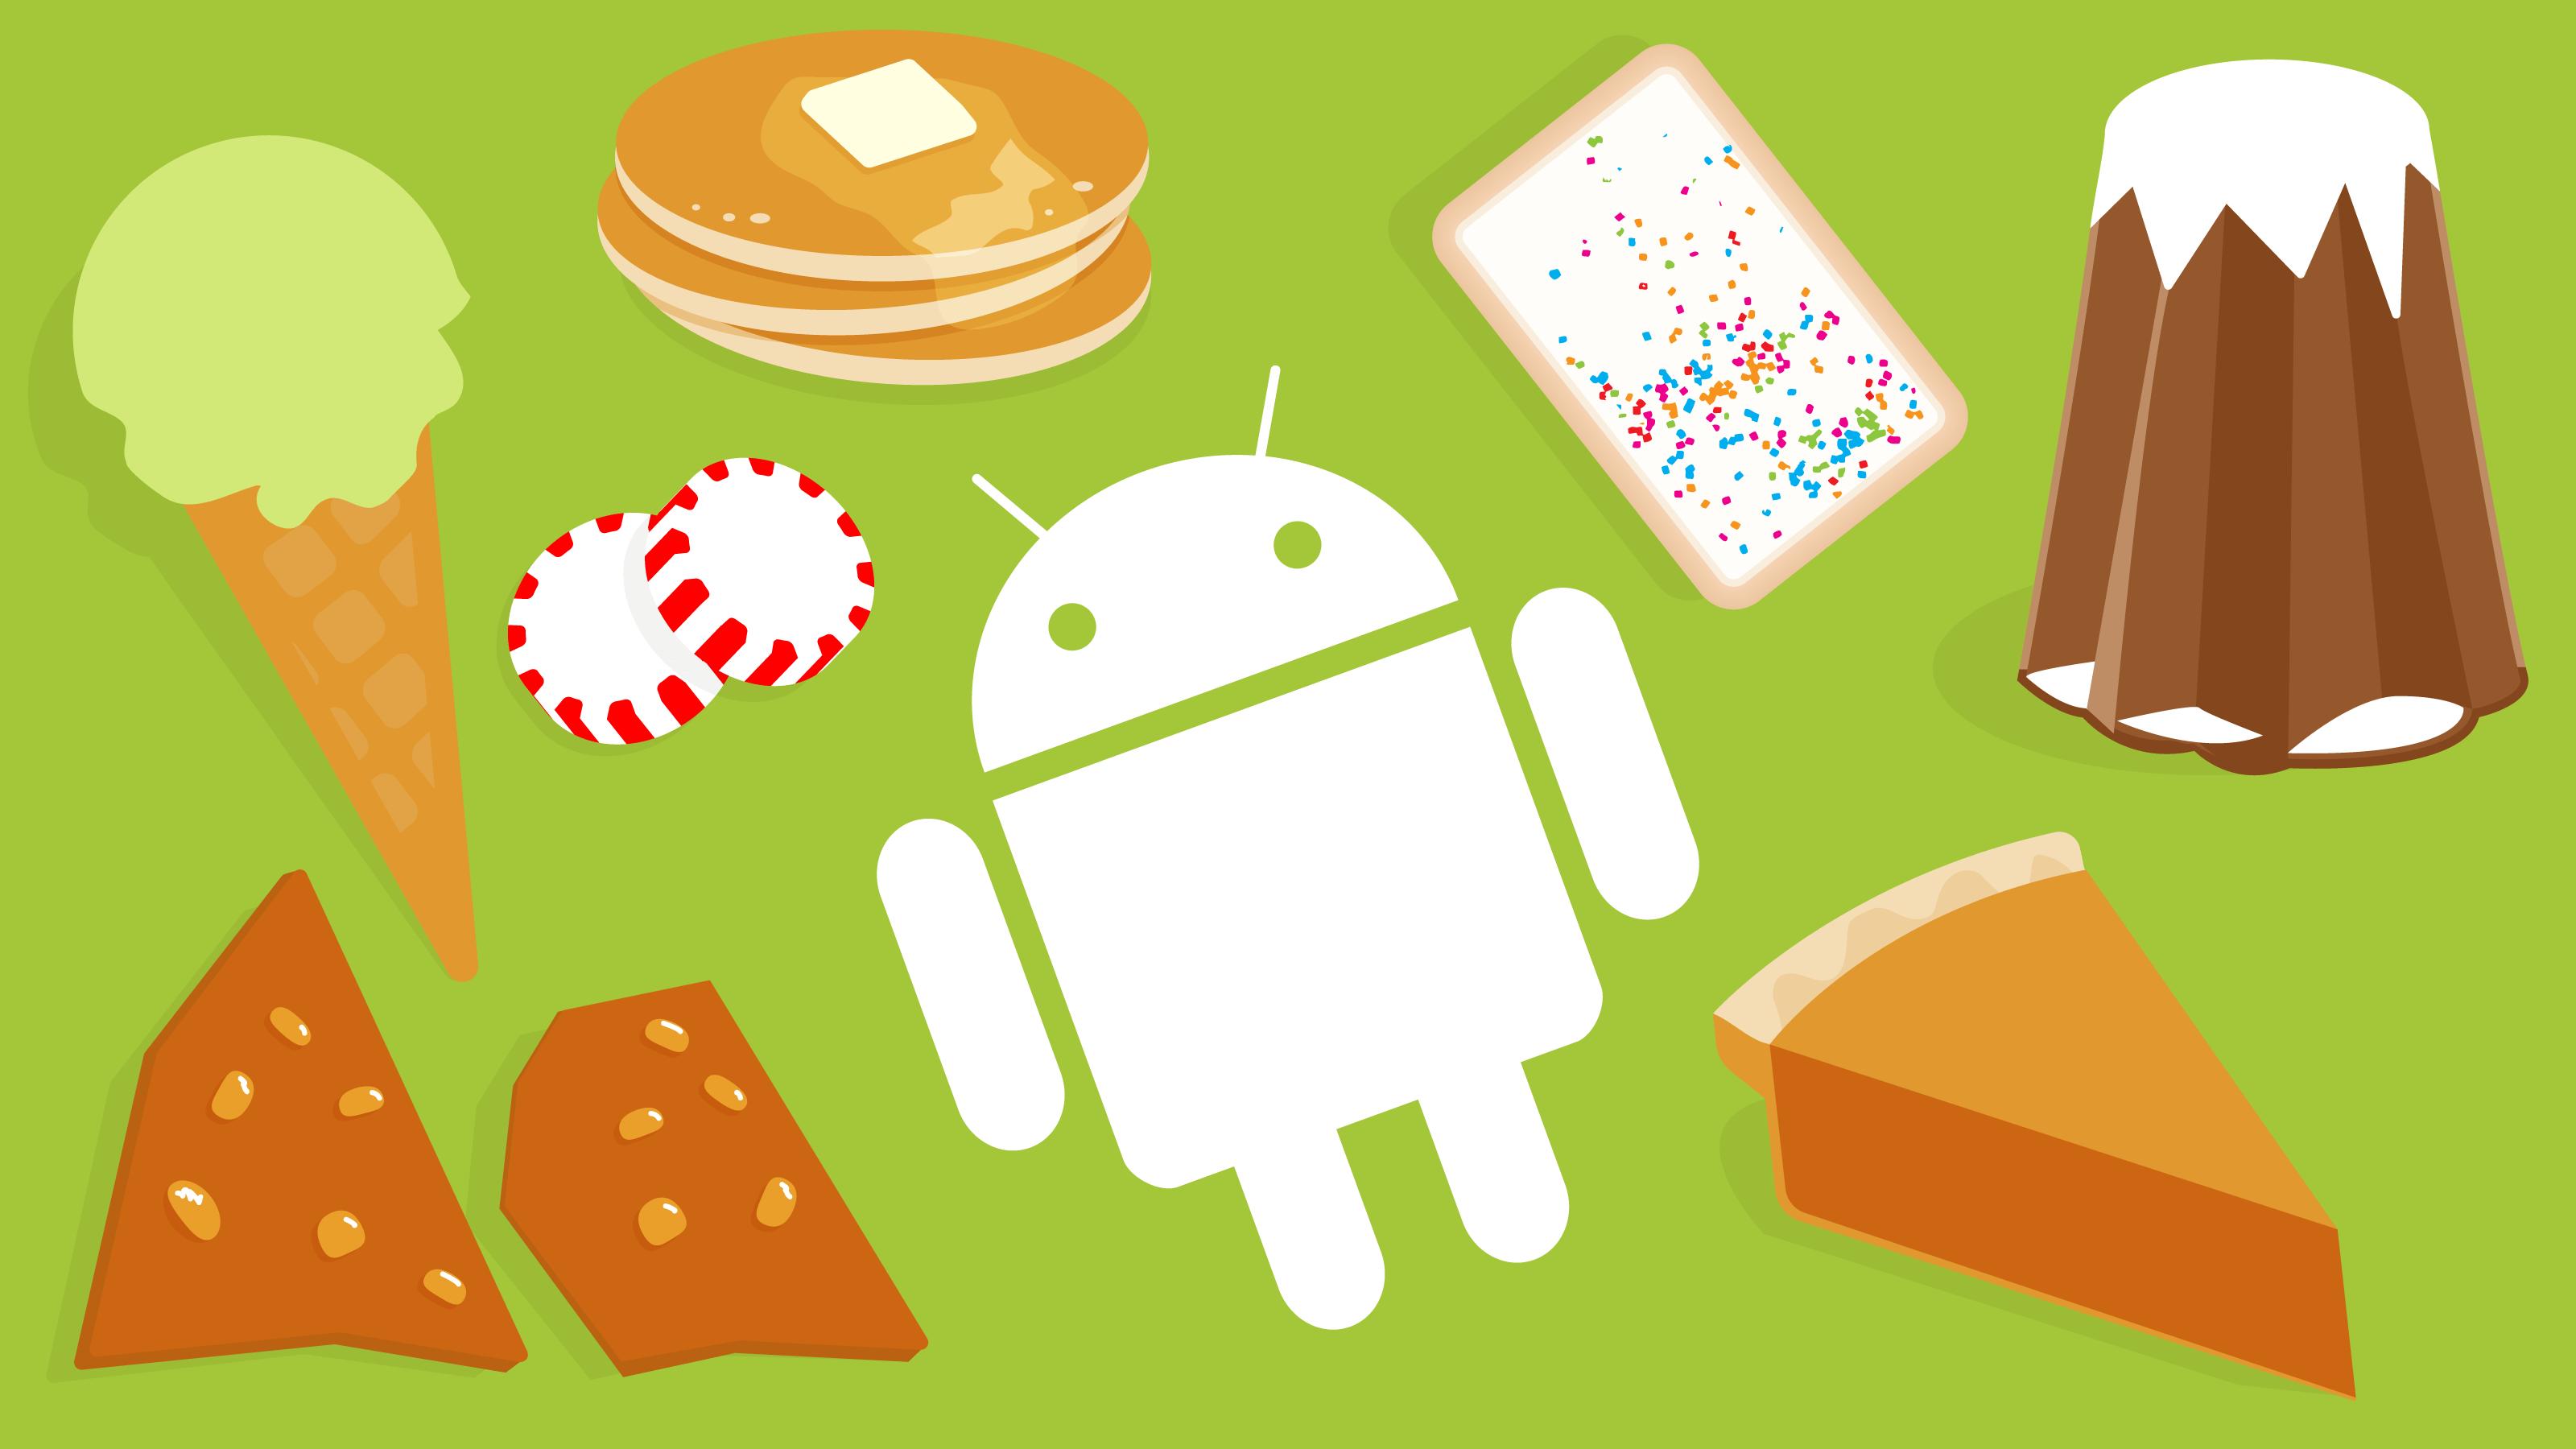 Русификатор для wolf among us android скачать - …